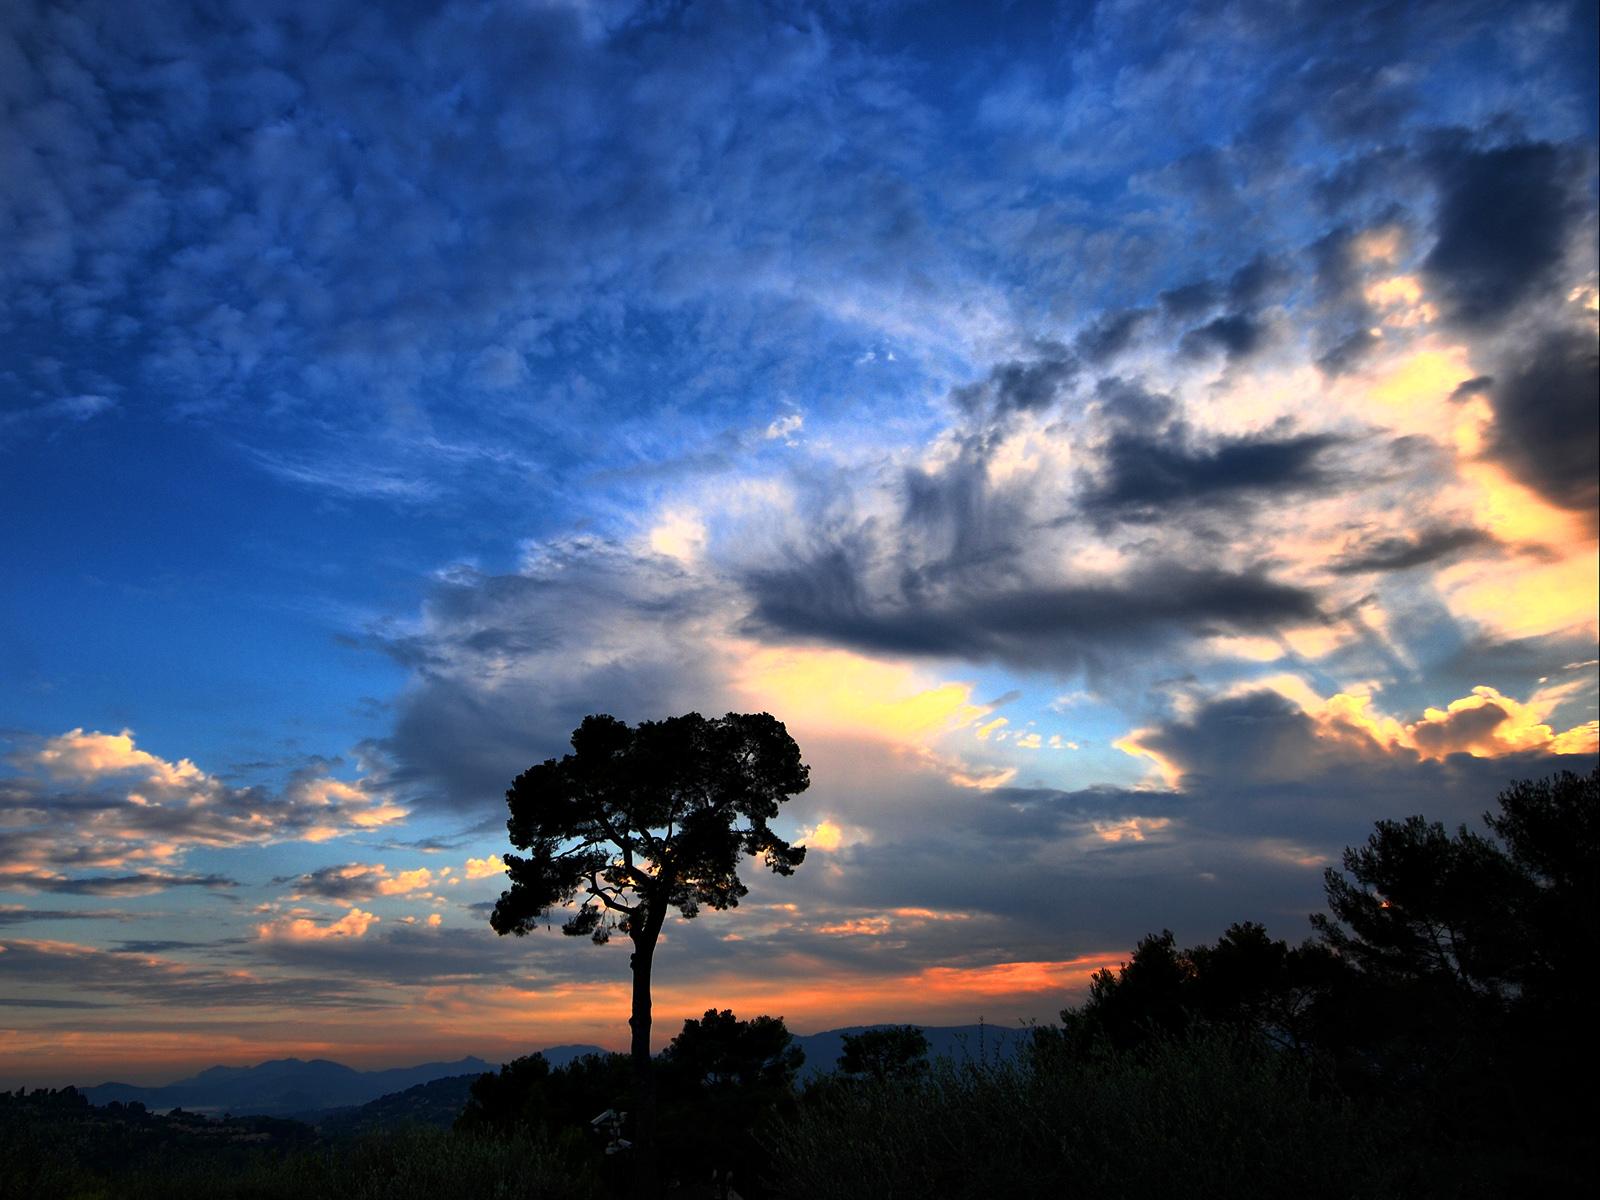 Одинокое дерево на фоне облачного неба 1600x1200 677KB небо Природа